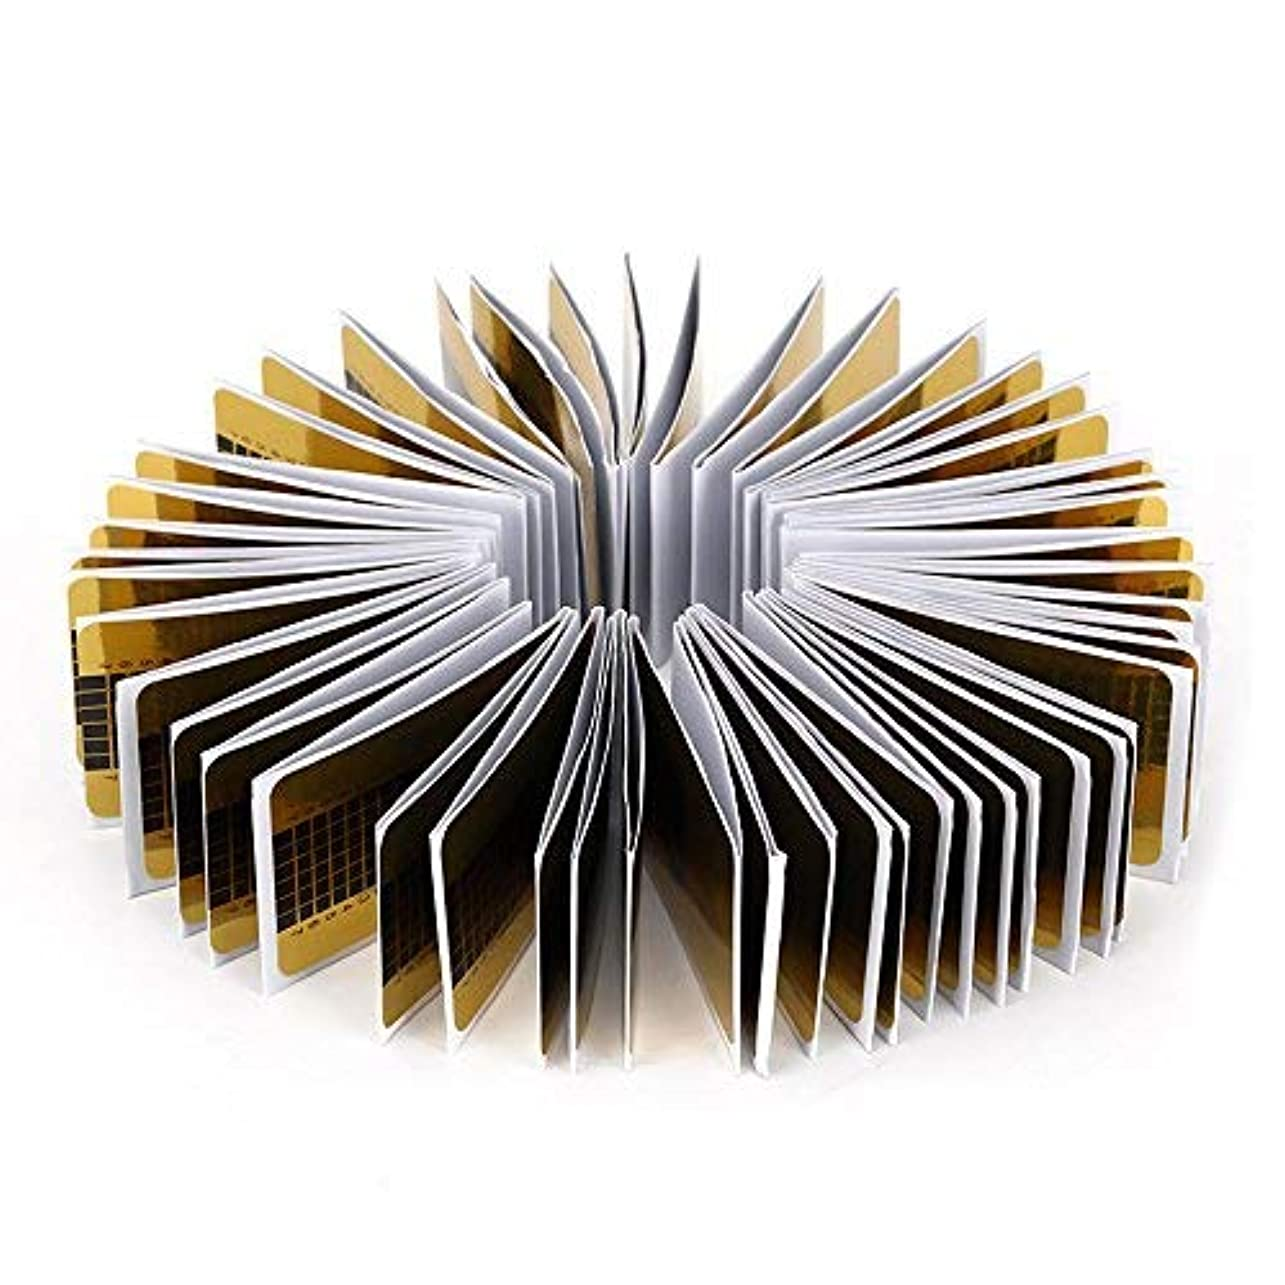 線作り上げるペストリーAomgsd ネイルフォーム 長さだしジェルネイルフォーム プロ用 使い捨て 紙製 100枚入れ